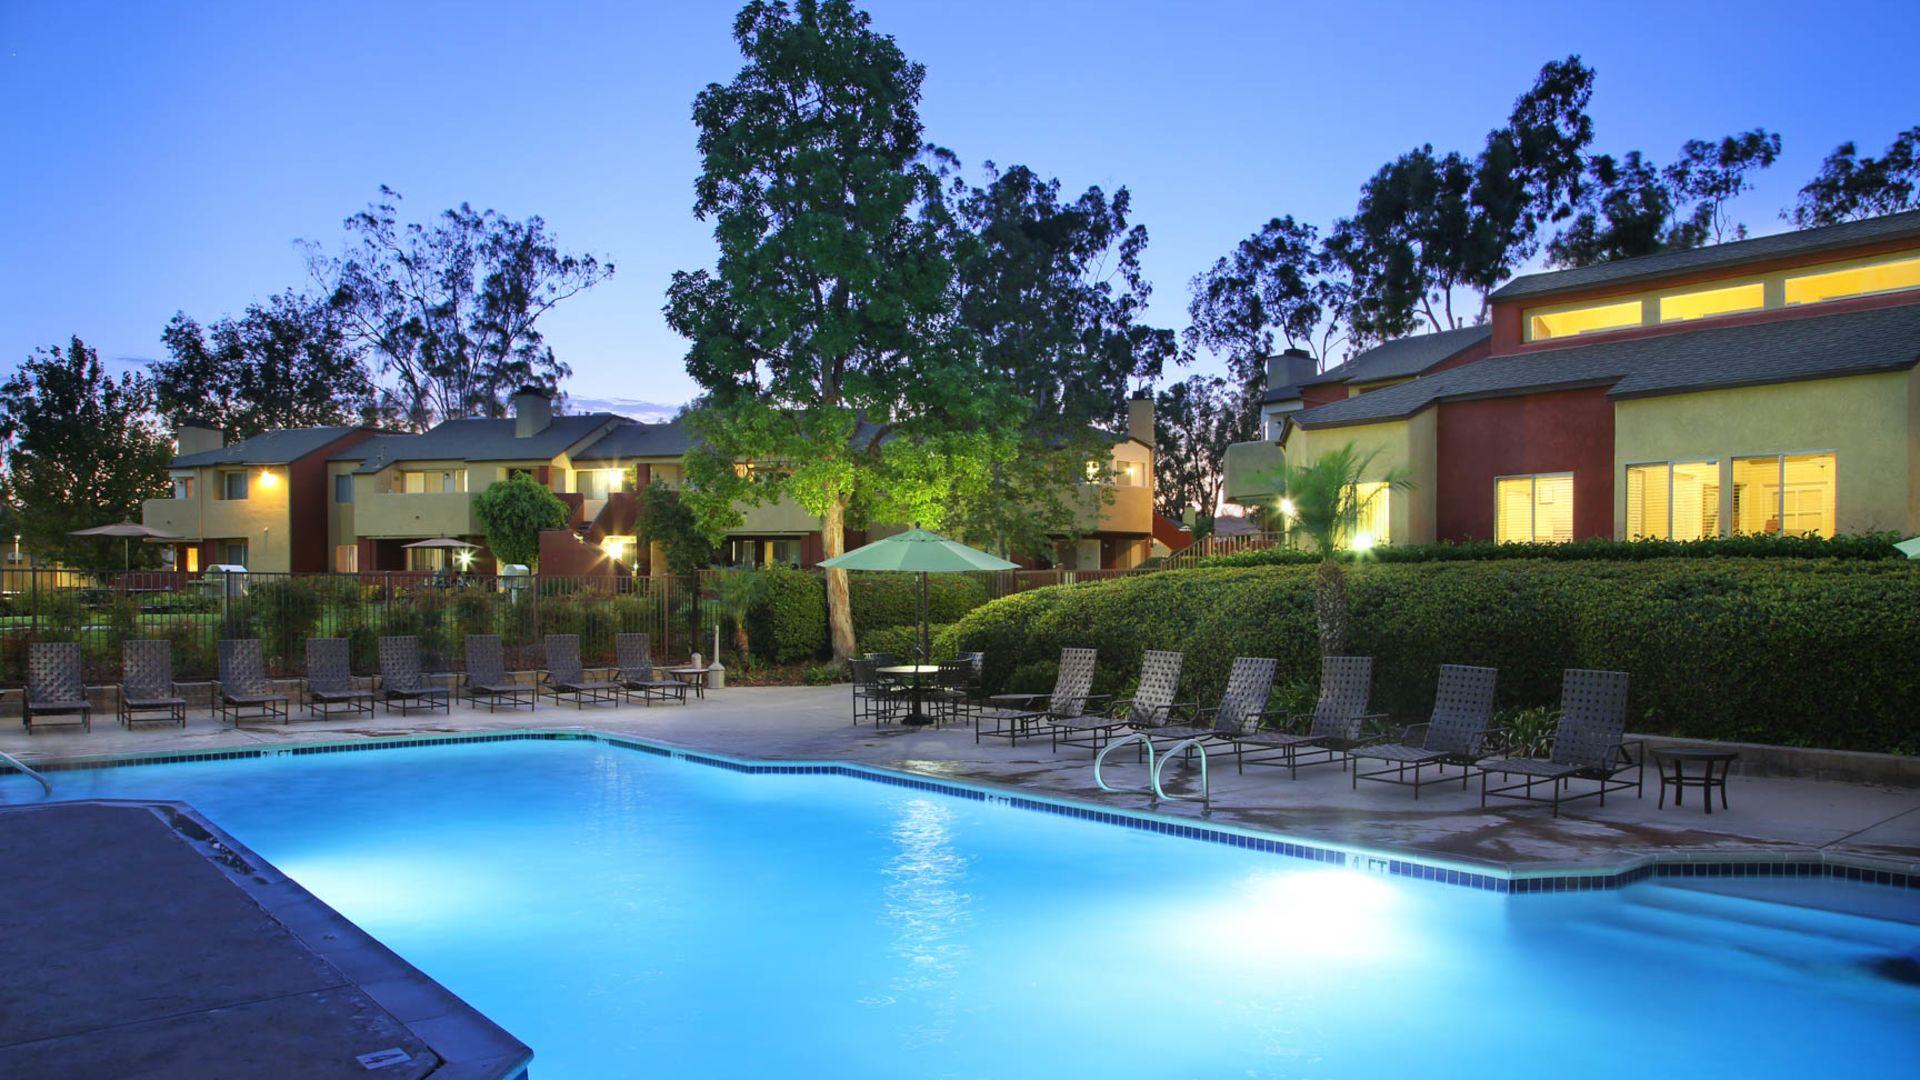 Laguna Hills Villa Solana Apartments